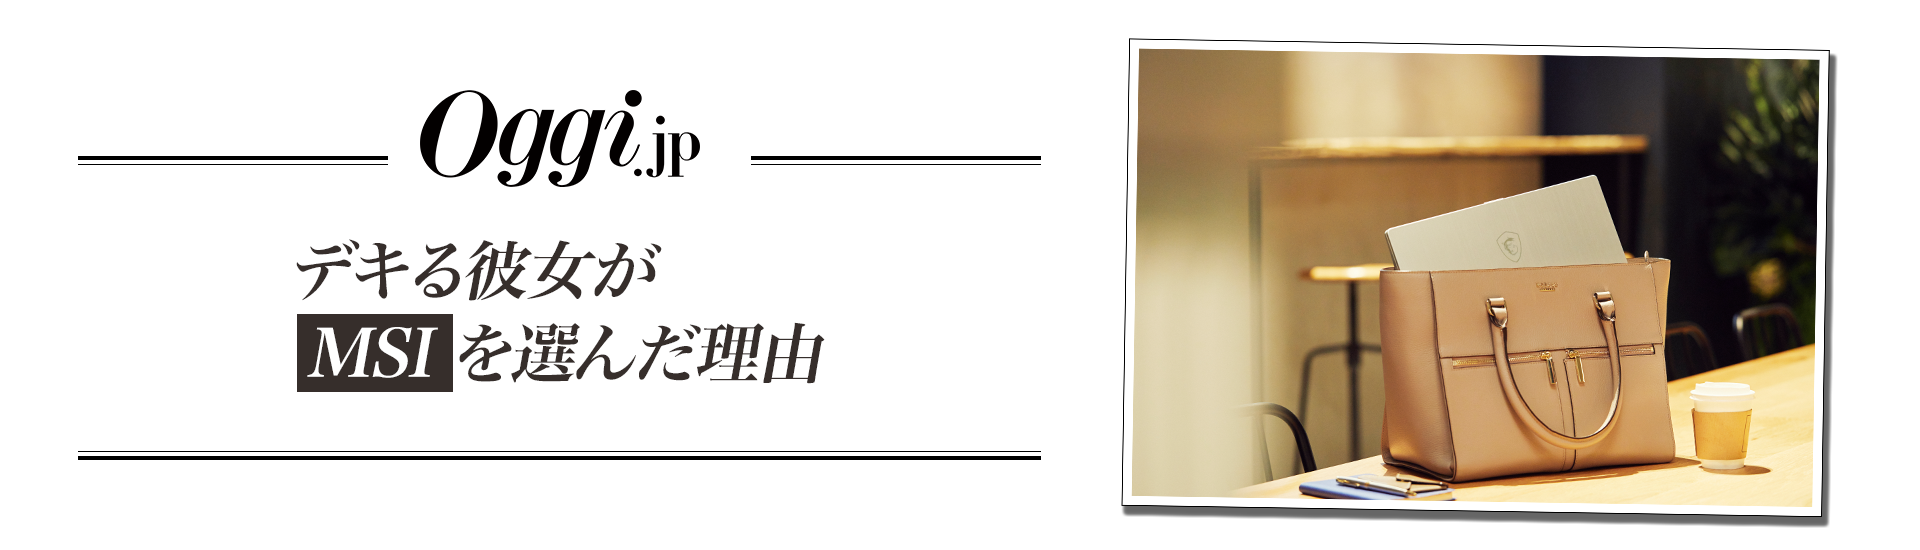 デキる彼女がMSIを選んだ理由 ━Oggi.jp